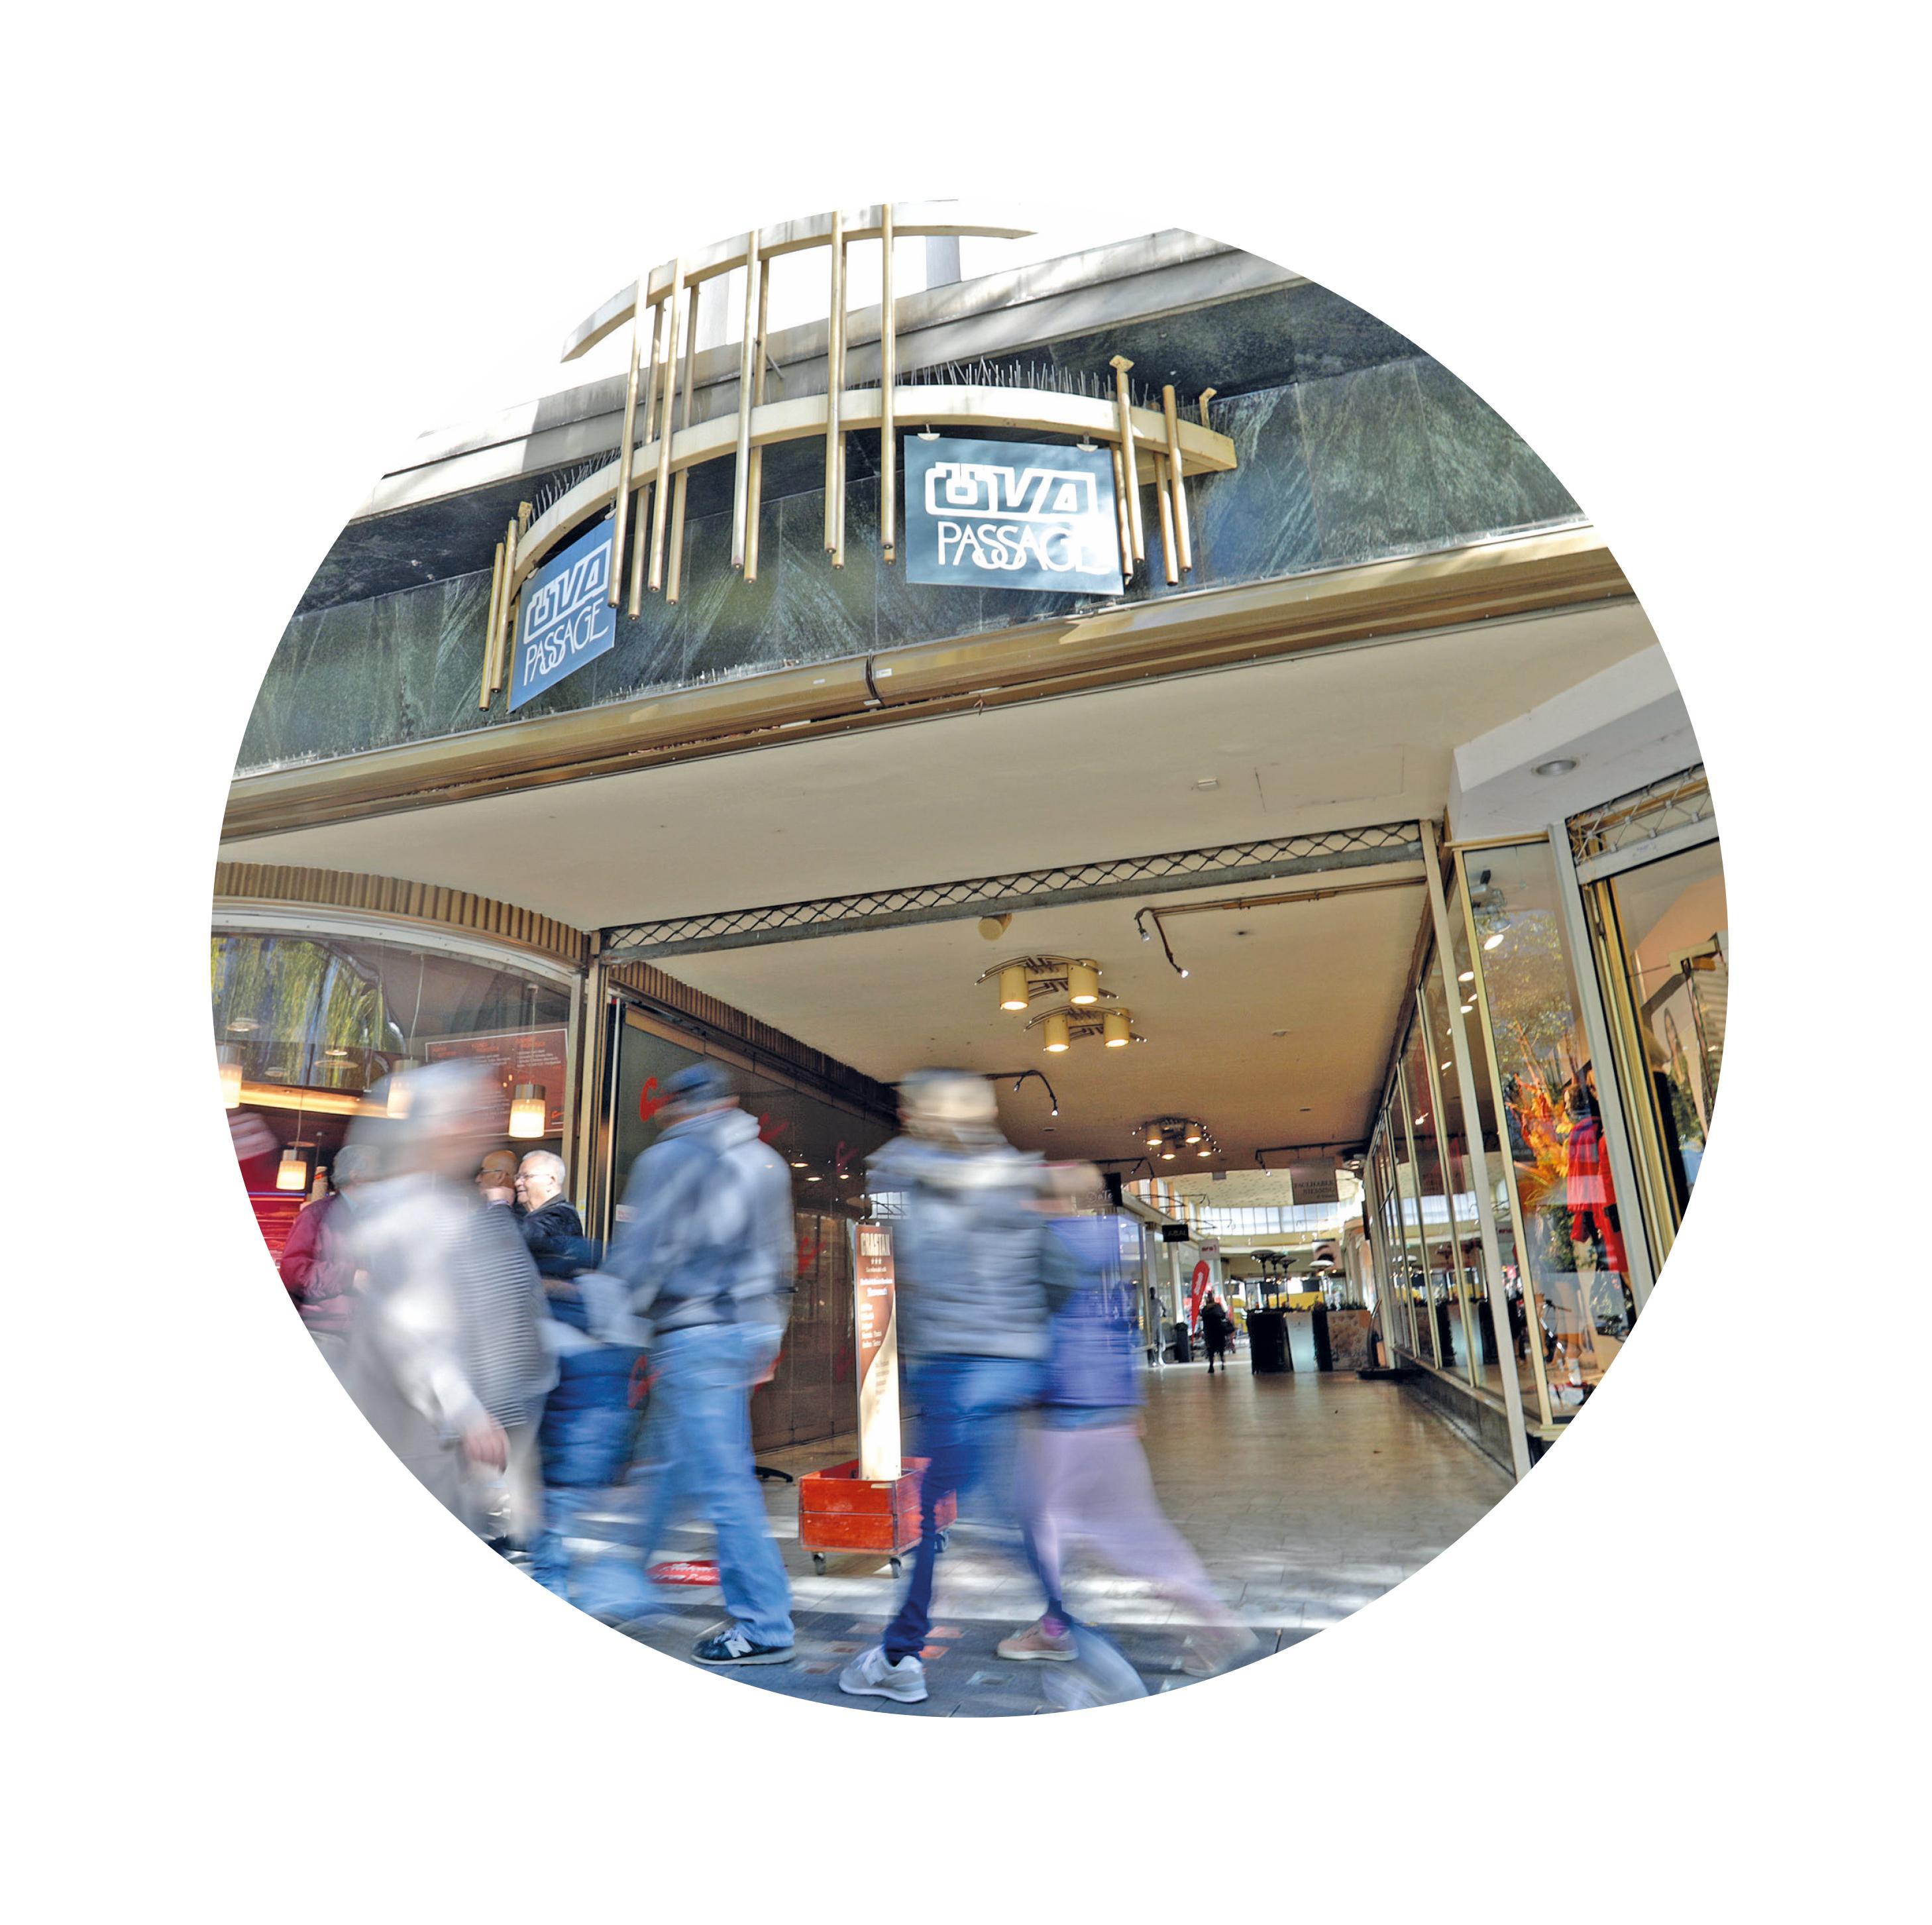 Kleinode zum Einkaufen Image 1